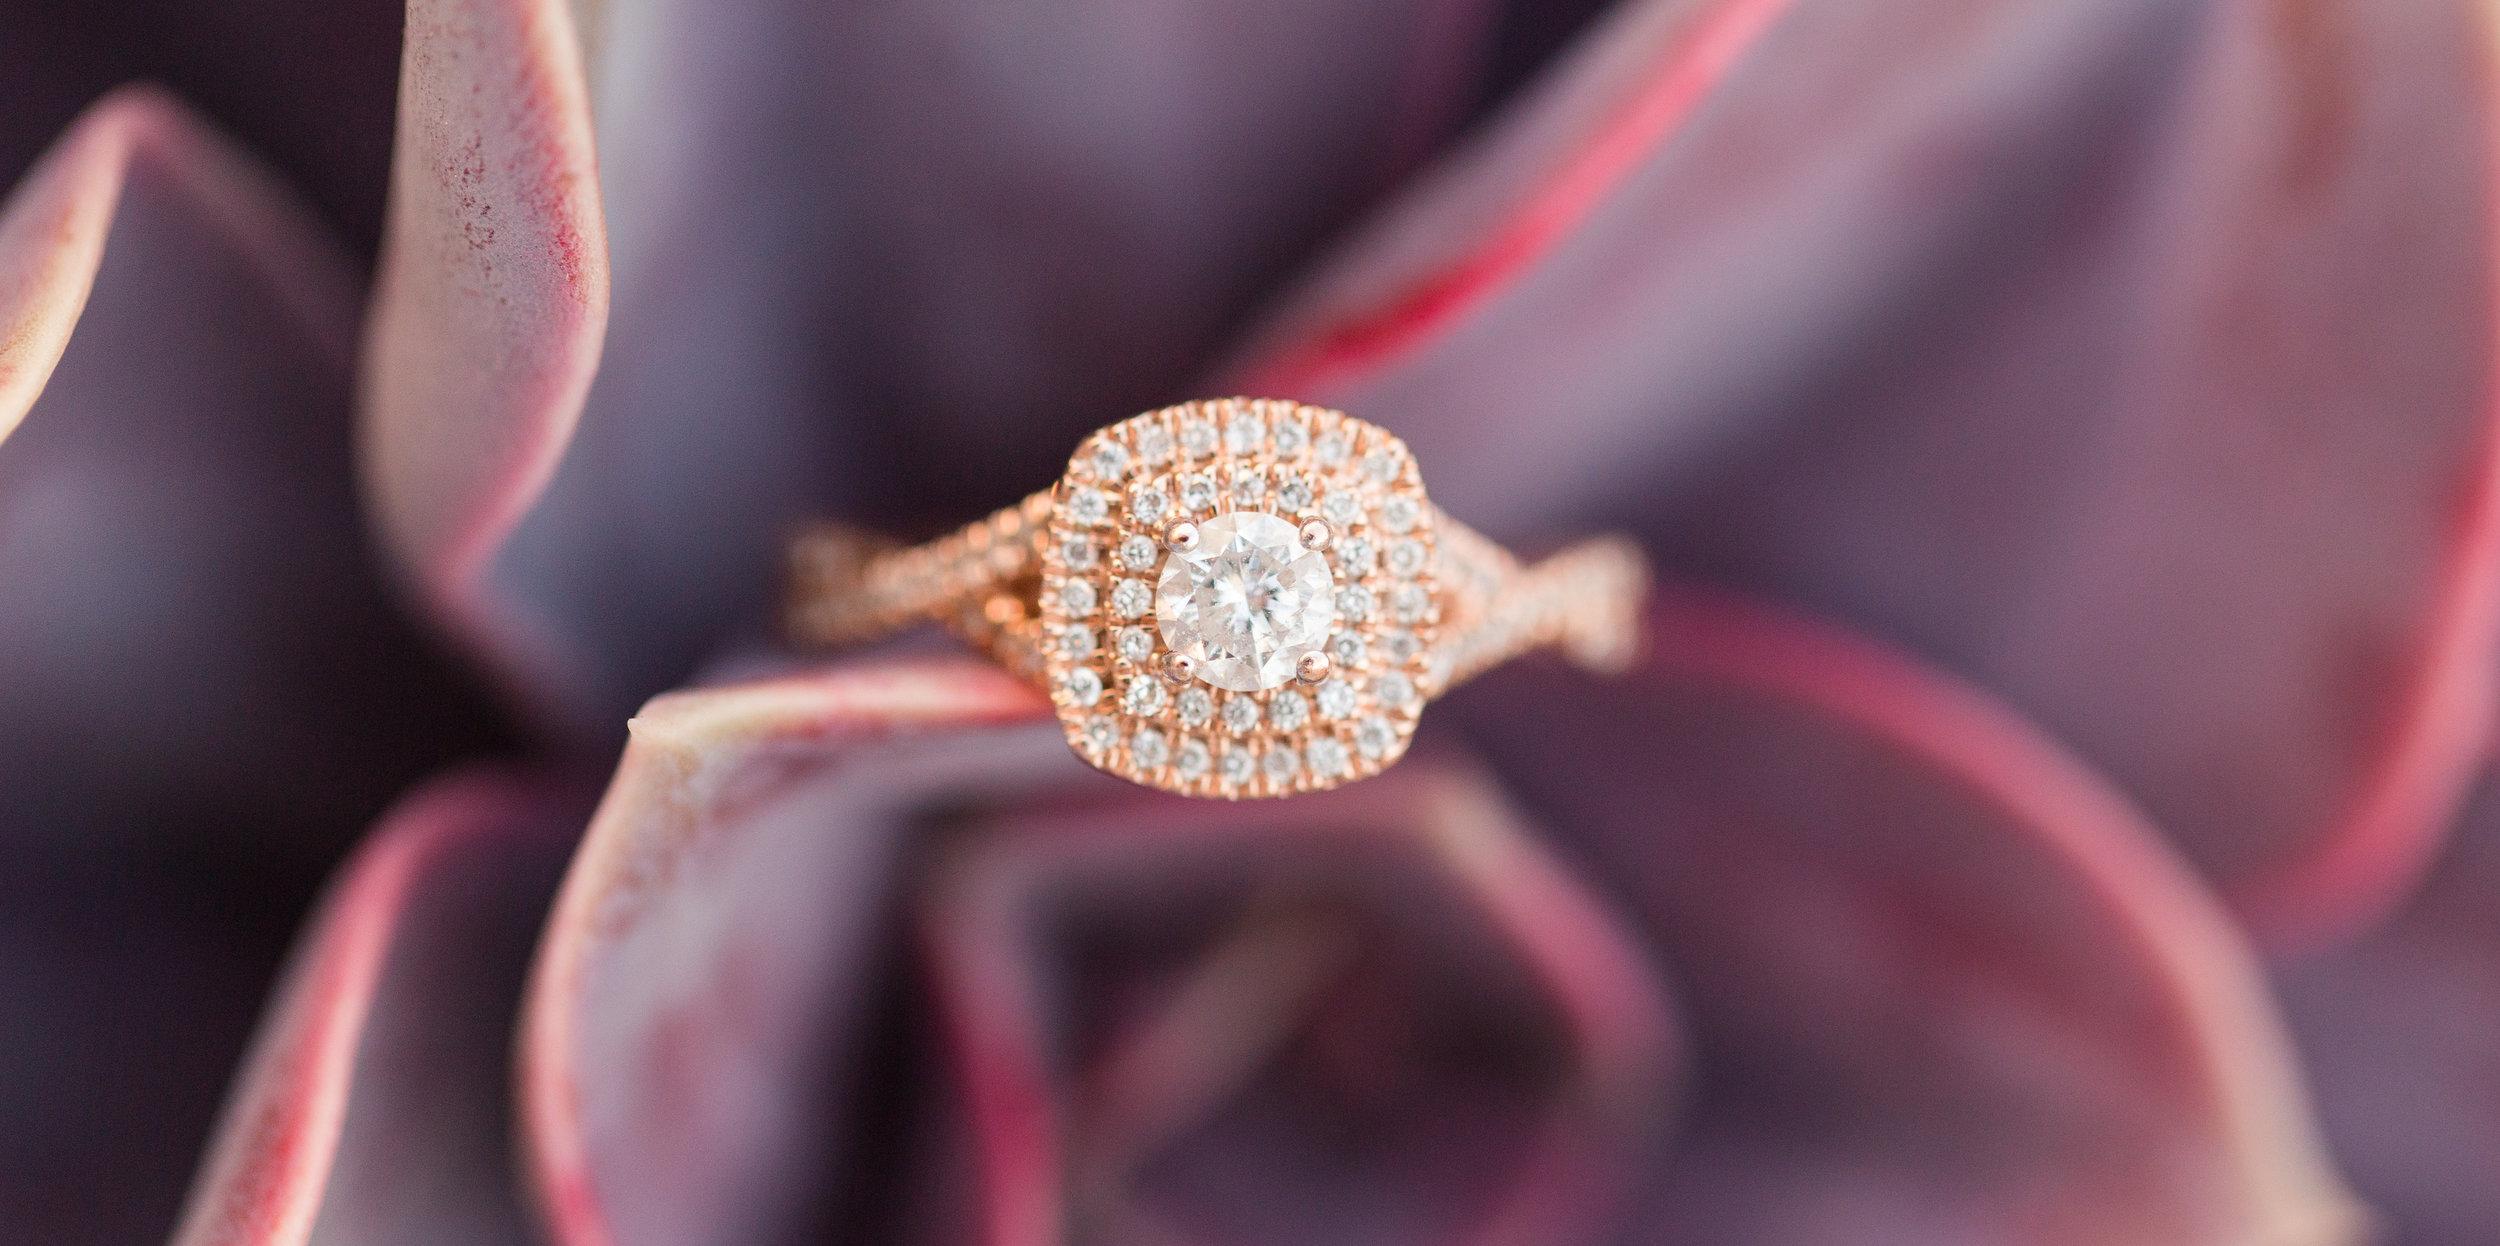 ccs diamonds crop 2.jpeg